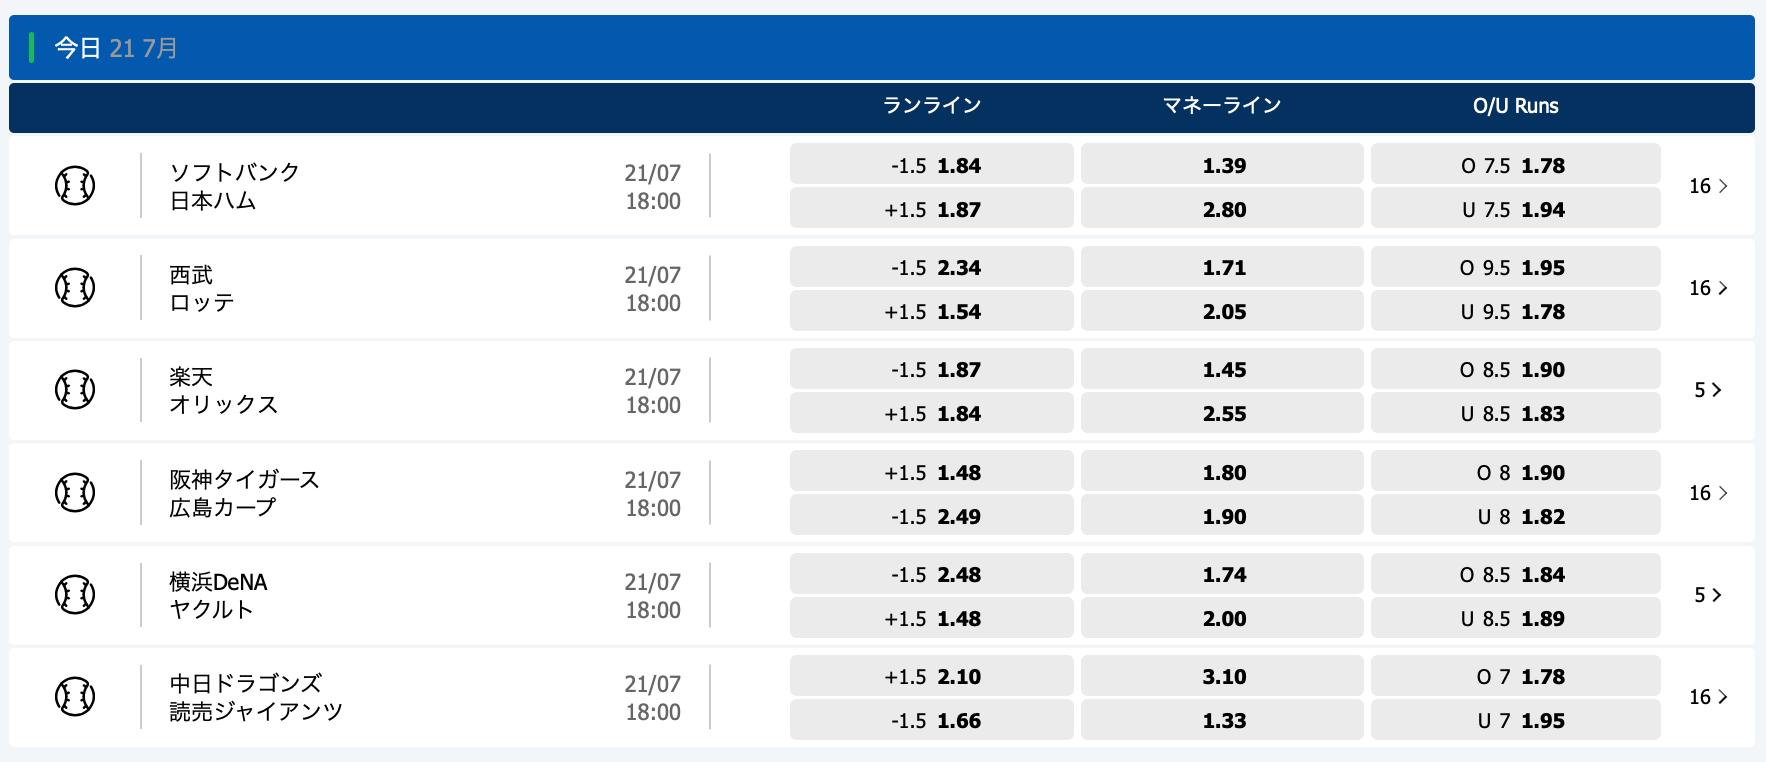 2020.7.21 プロ野球オッズ・10bet Japan